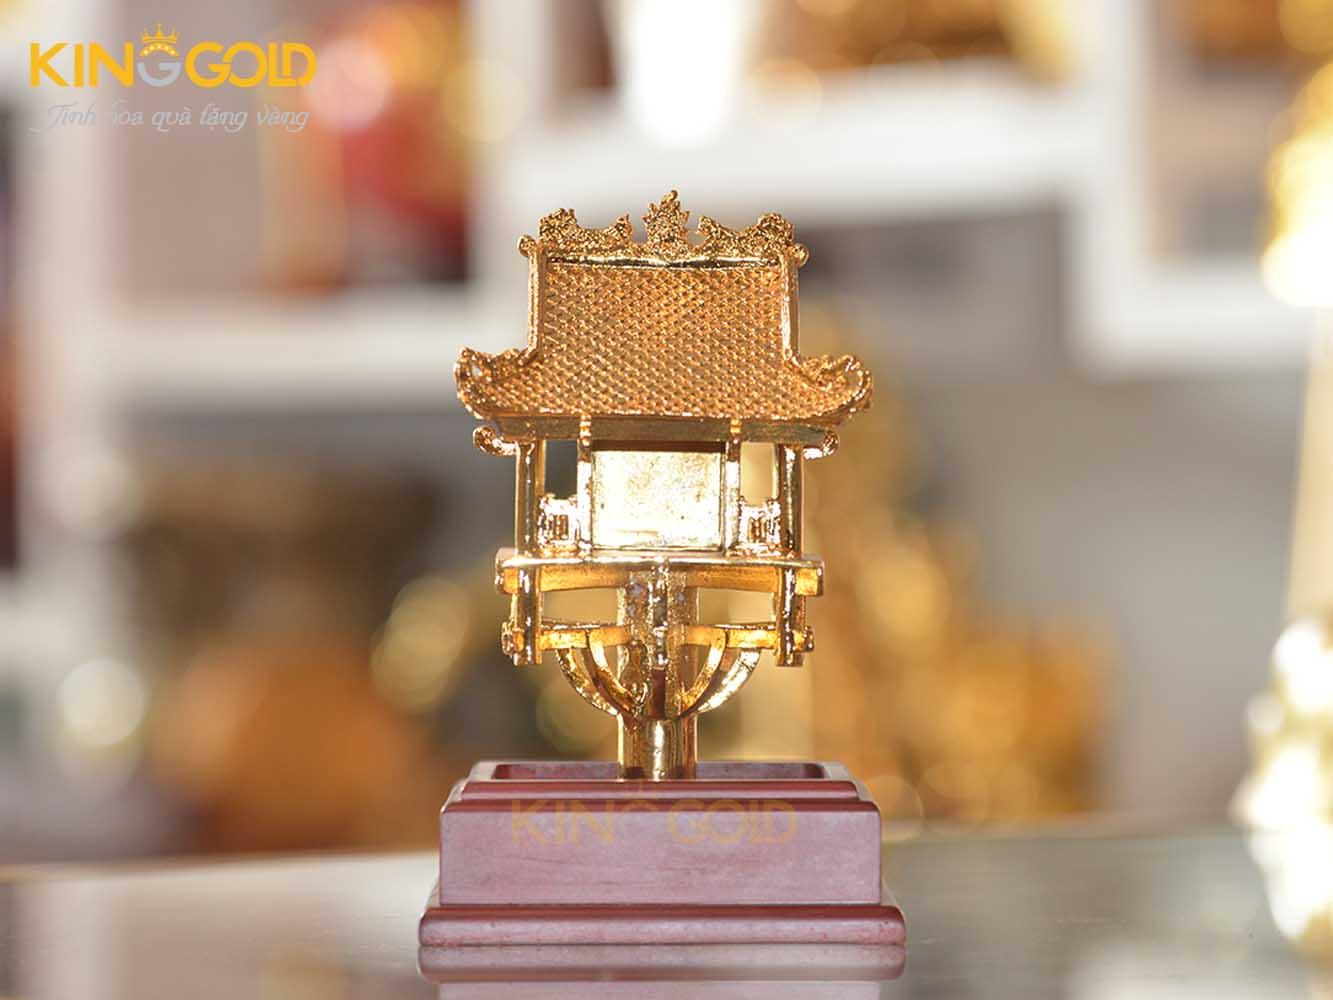 Giá bán quà tặng chùa Một Cột mạ vàng 24 đẹp tinh xảo0